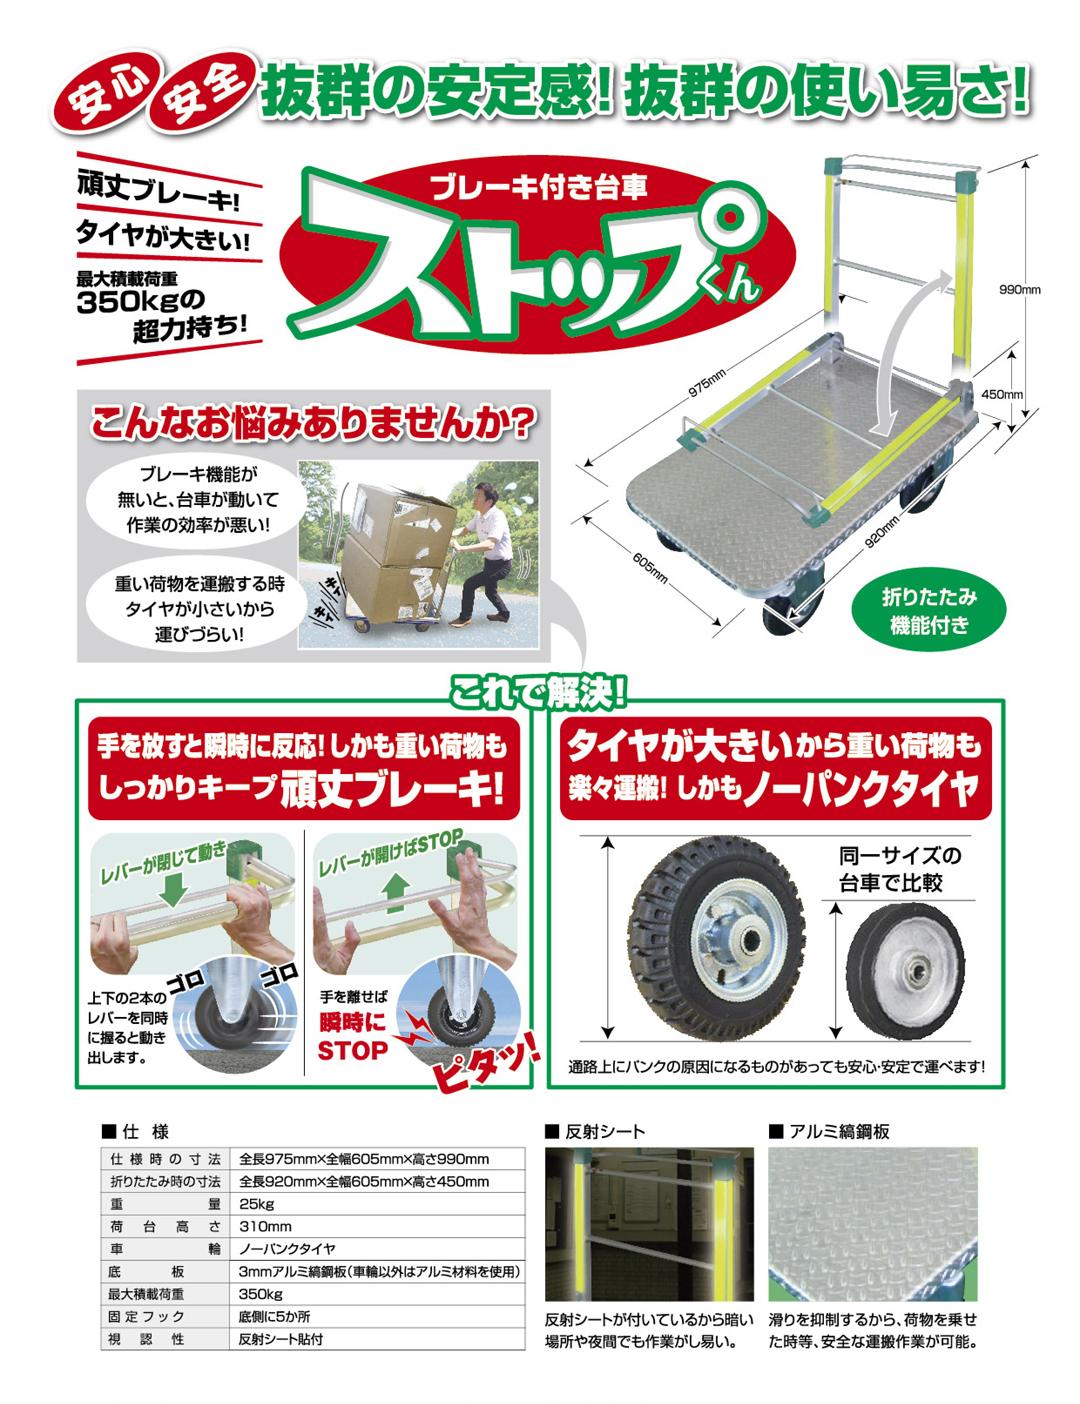 ブレーキ付き台車ストップくん製品PDF